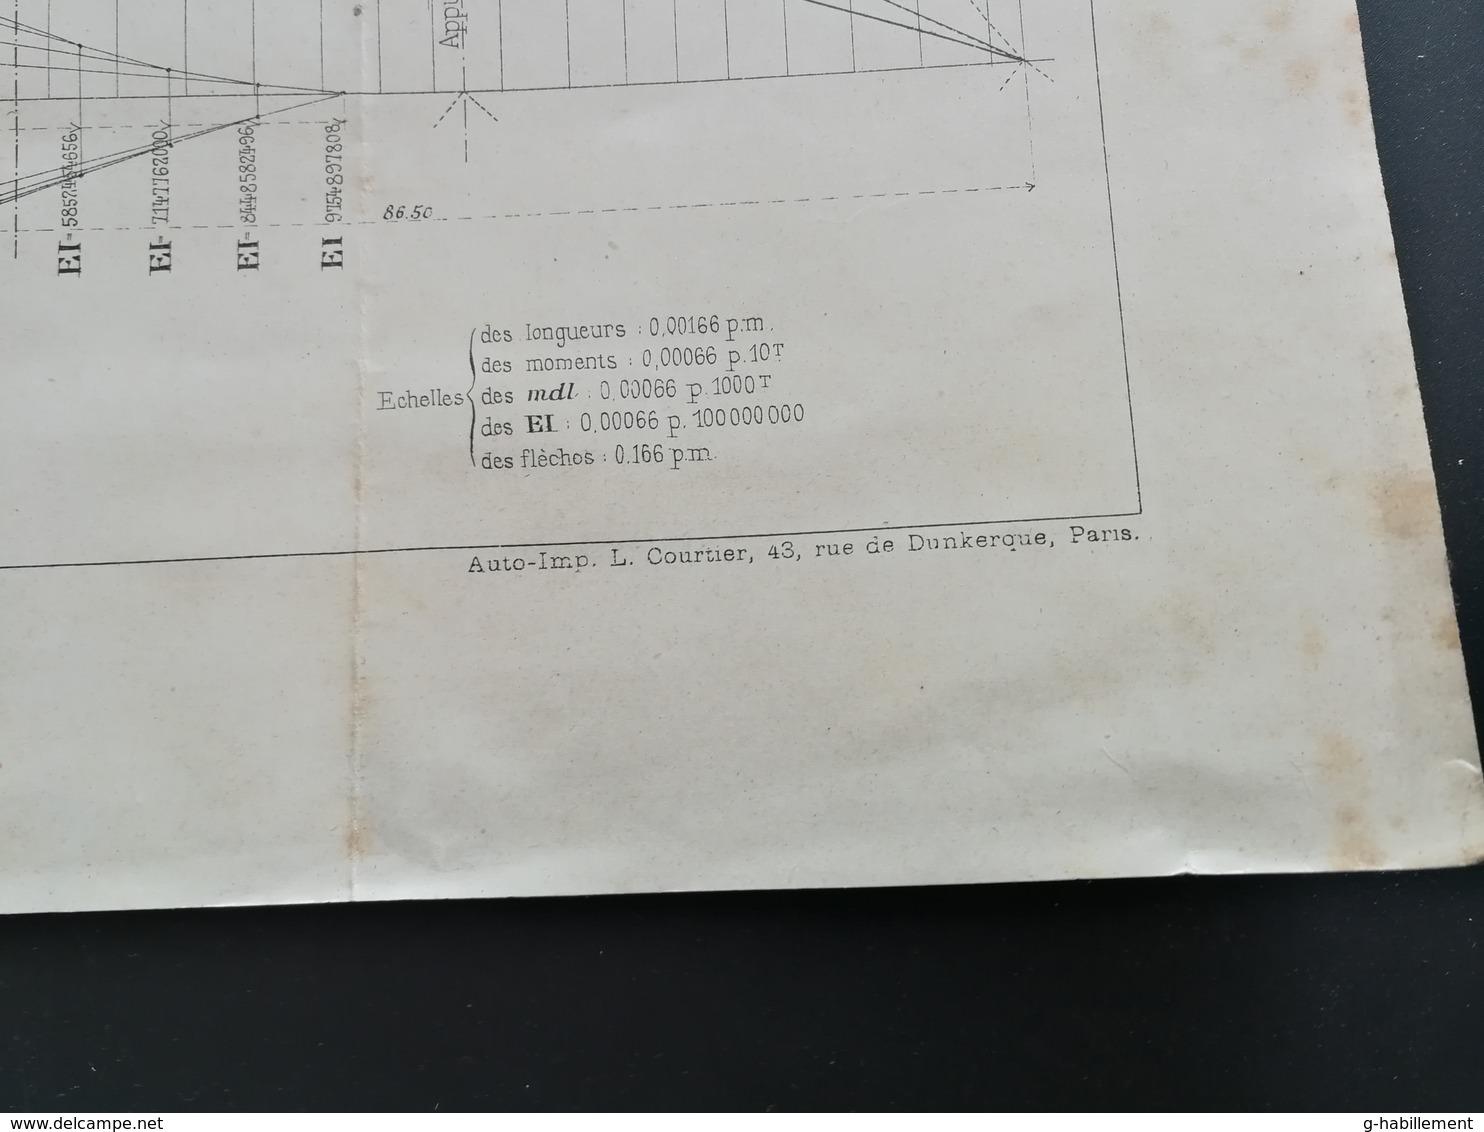 ANNALES PONTS Et CHAUSSEES - (Dep 75) Construction Du Pont Alexandre III Sur La Seine - Imp. L. Courtier 1898 (CLB61) - Travaux Publics